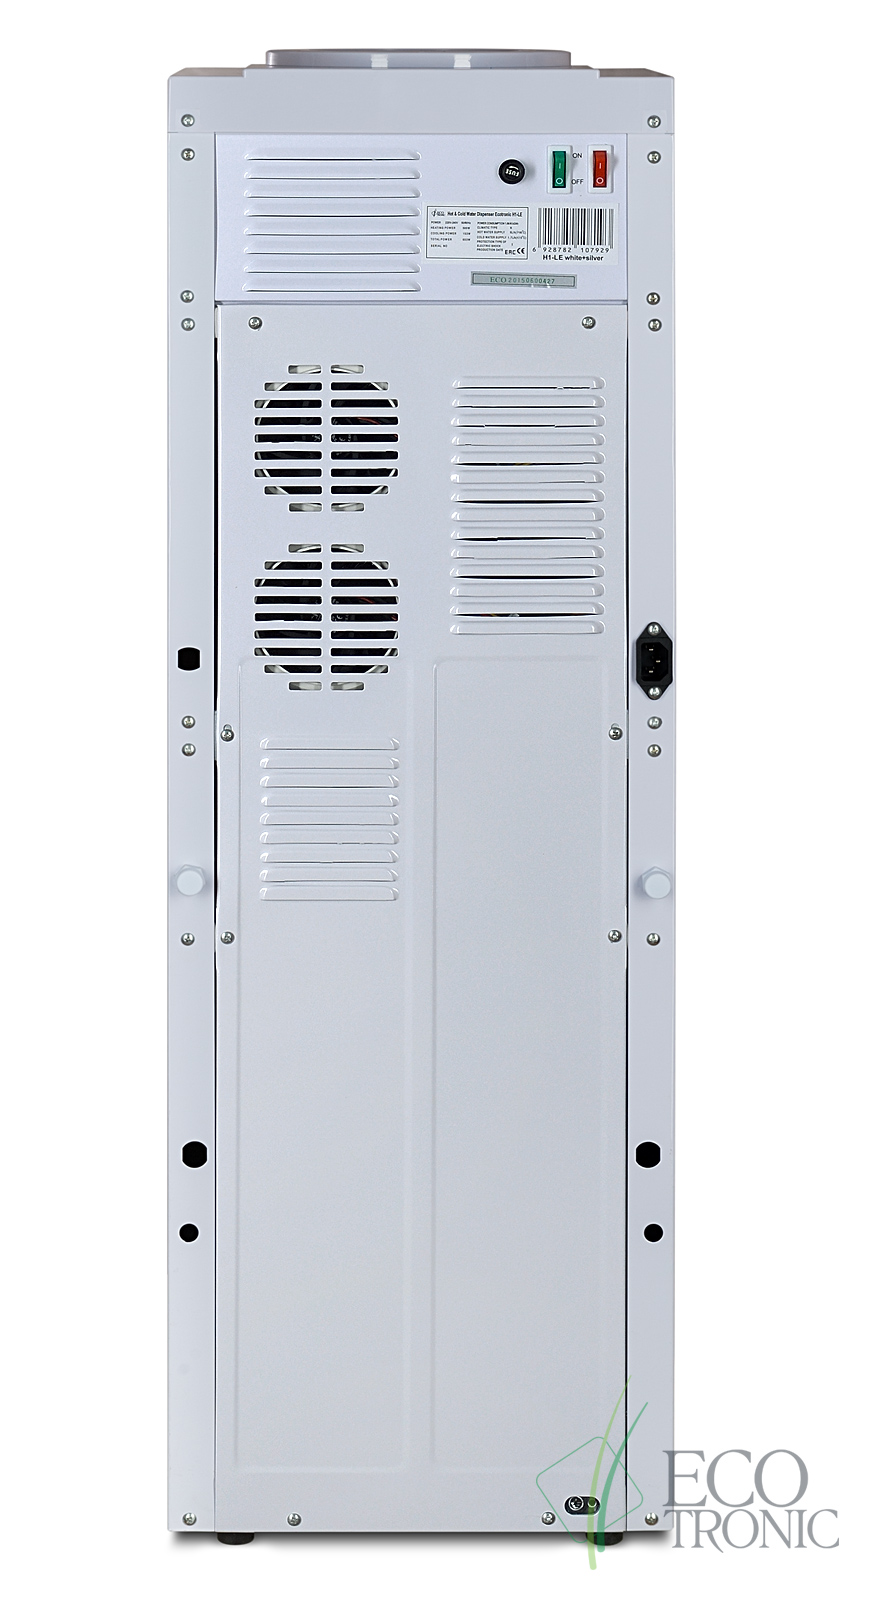 Кулер Ecotronic H1-LE White с двойным блоком эл. охлаждения